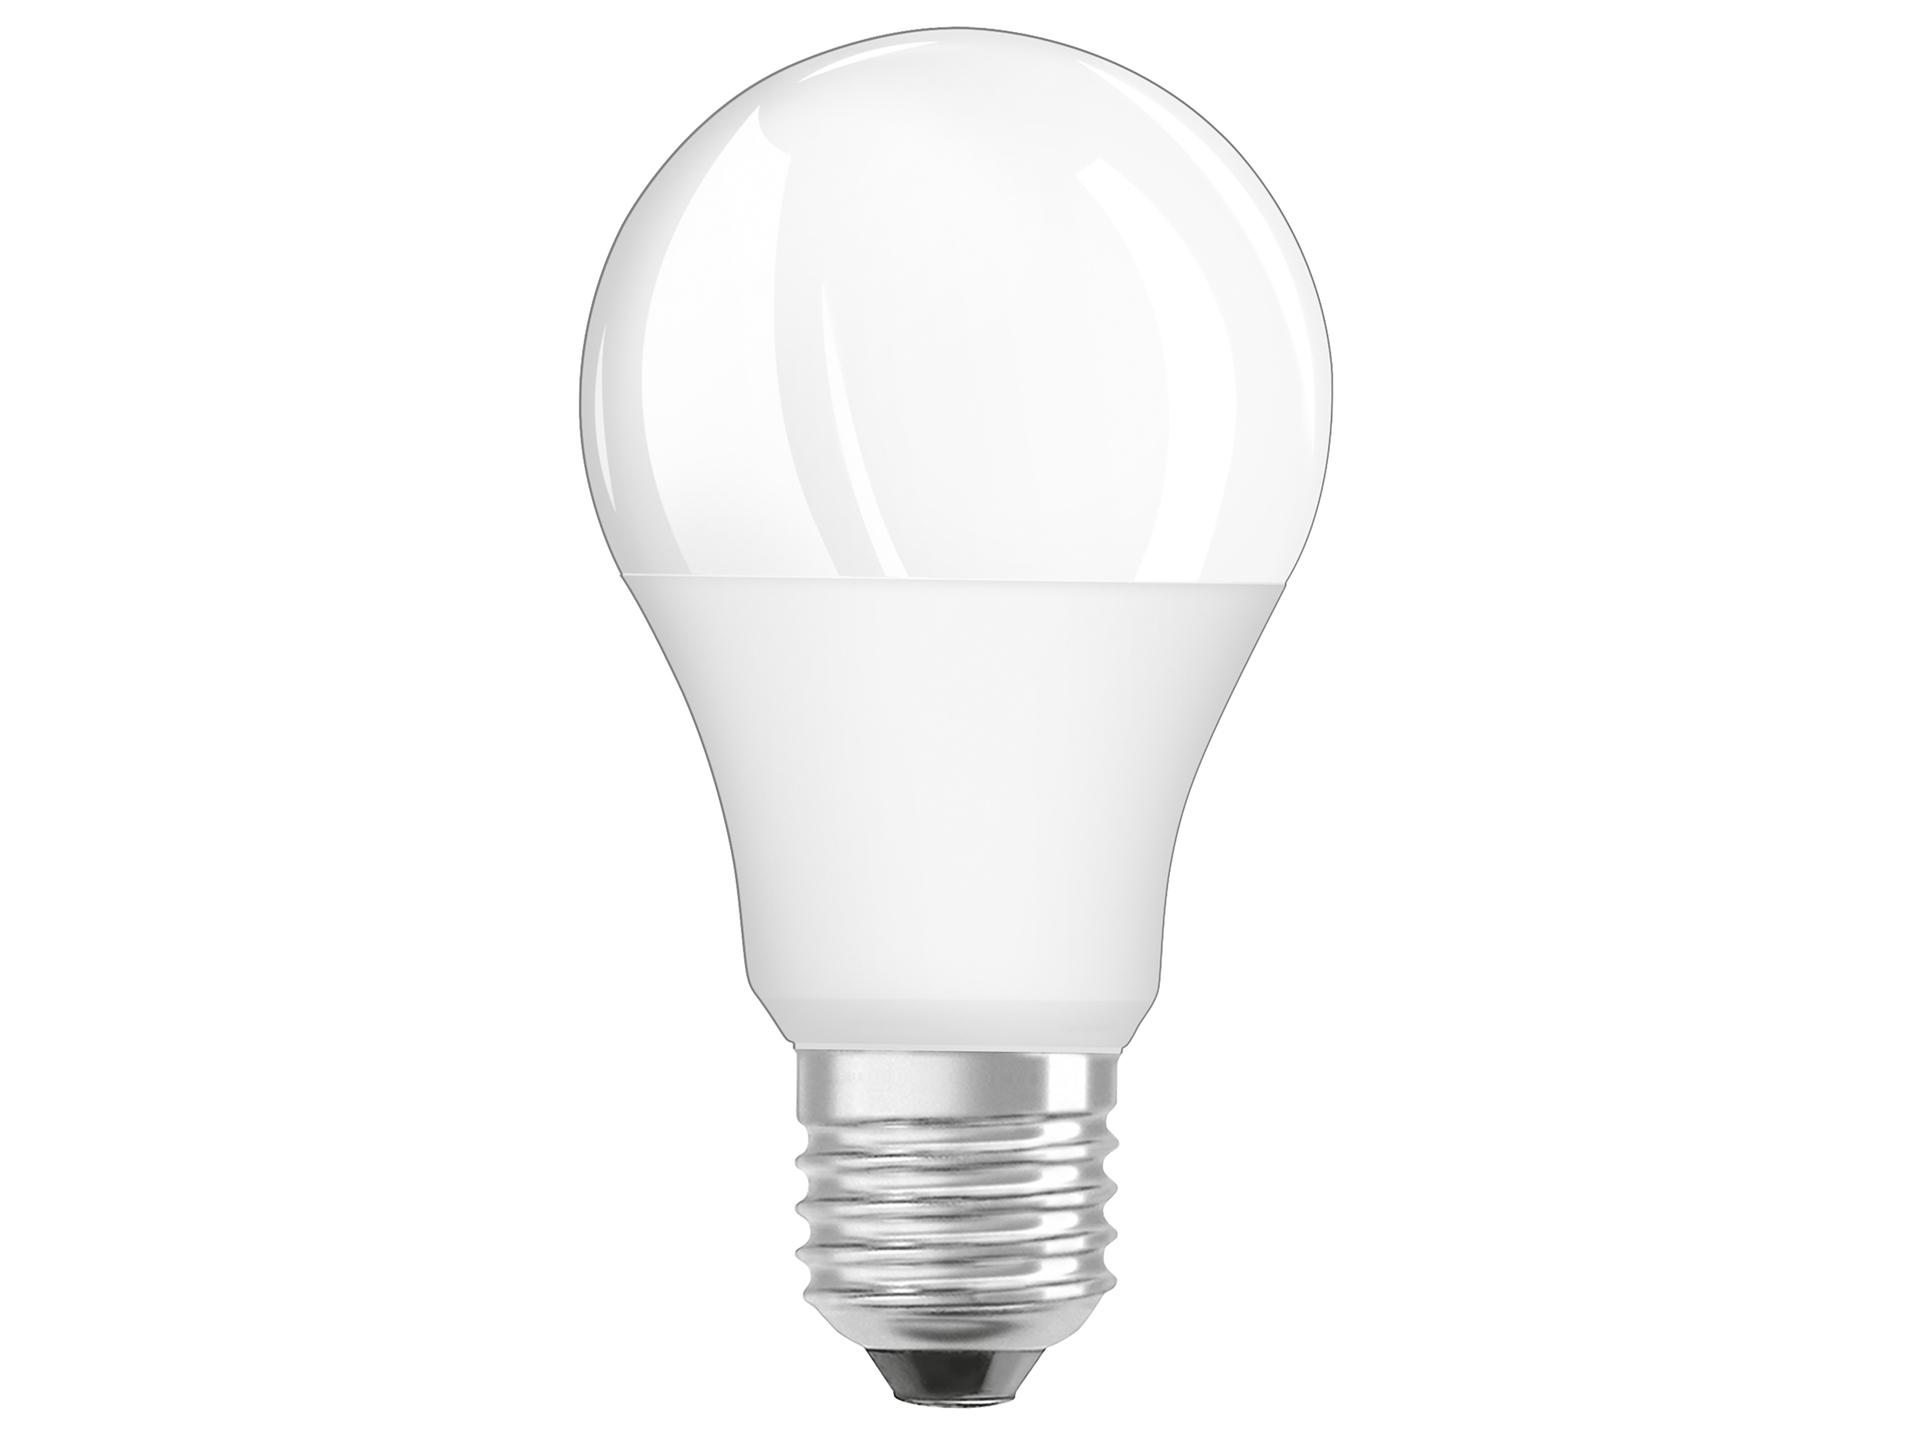 Lampen Op Afstandsbediening : Osram star classic 60 rgbw led peerlamp e27 9w afstandsbediening